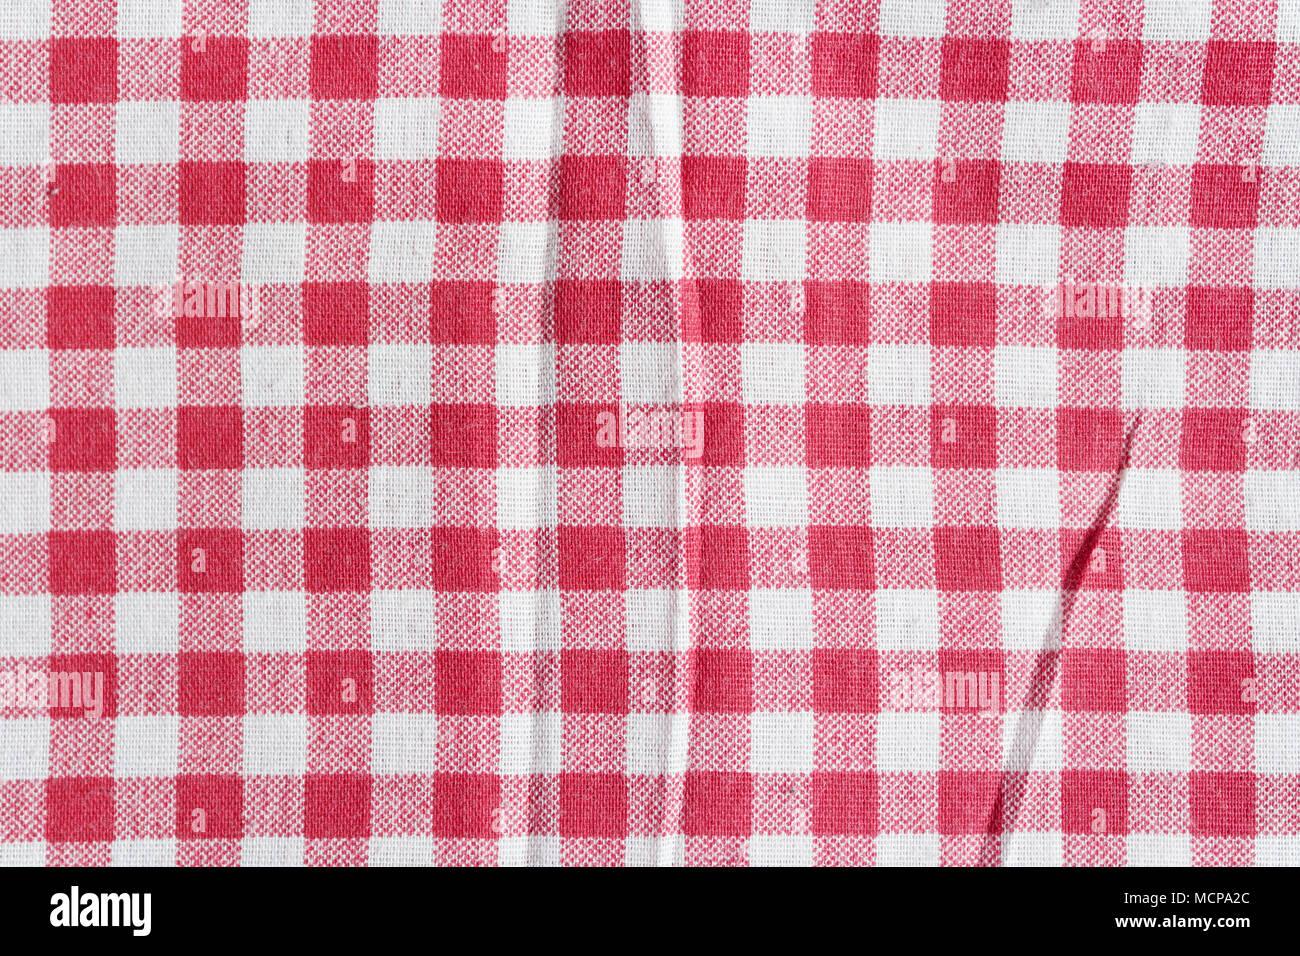 Rote Bettwäsche Picknick Tischdecke Textur Einer Rot Weiß Karierte